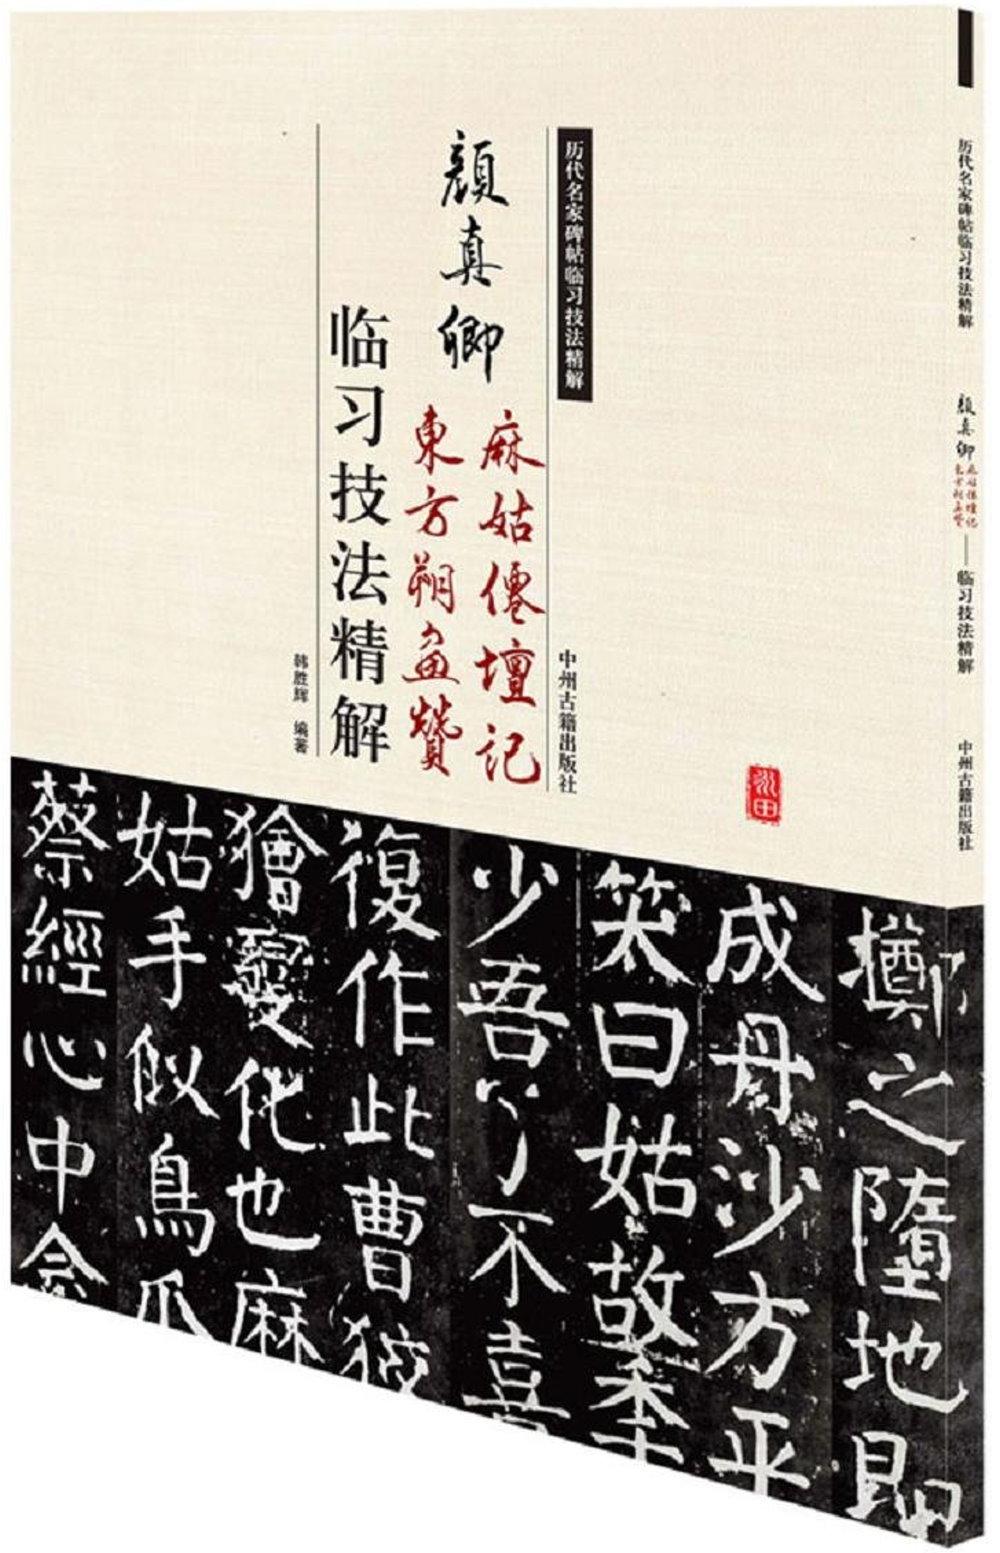 顏真卿麻姑仙壇記、東方朔畫贊:臨習技法精解